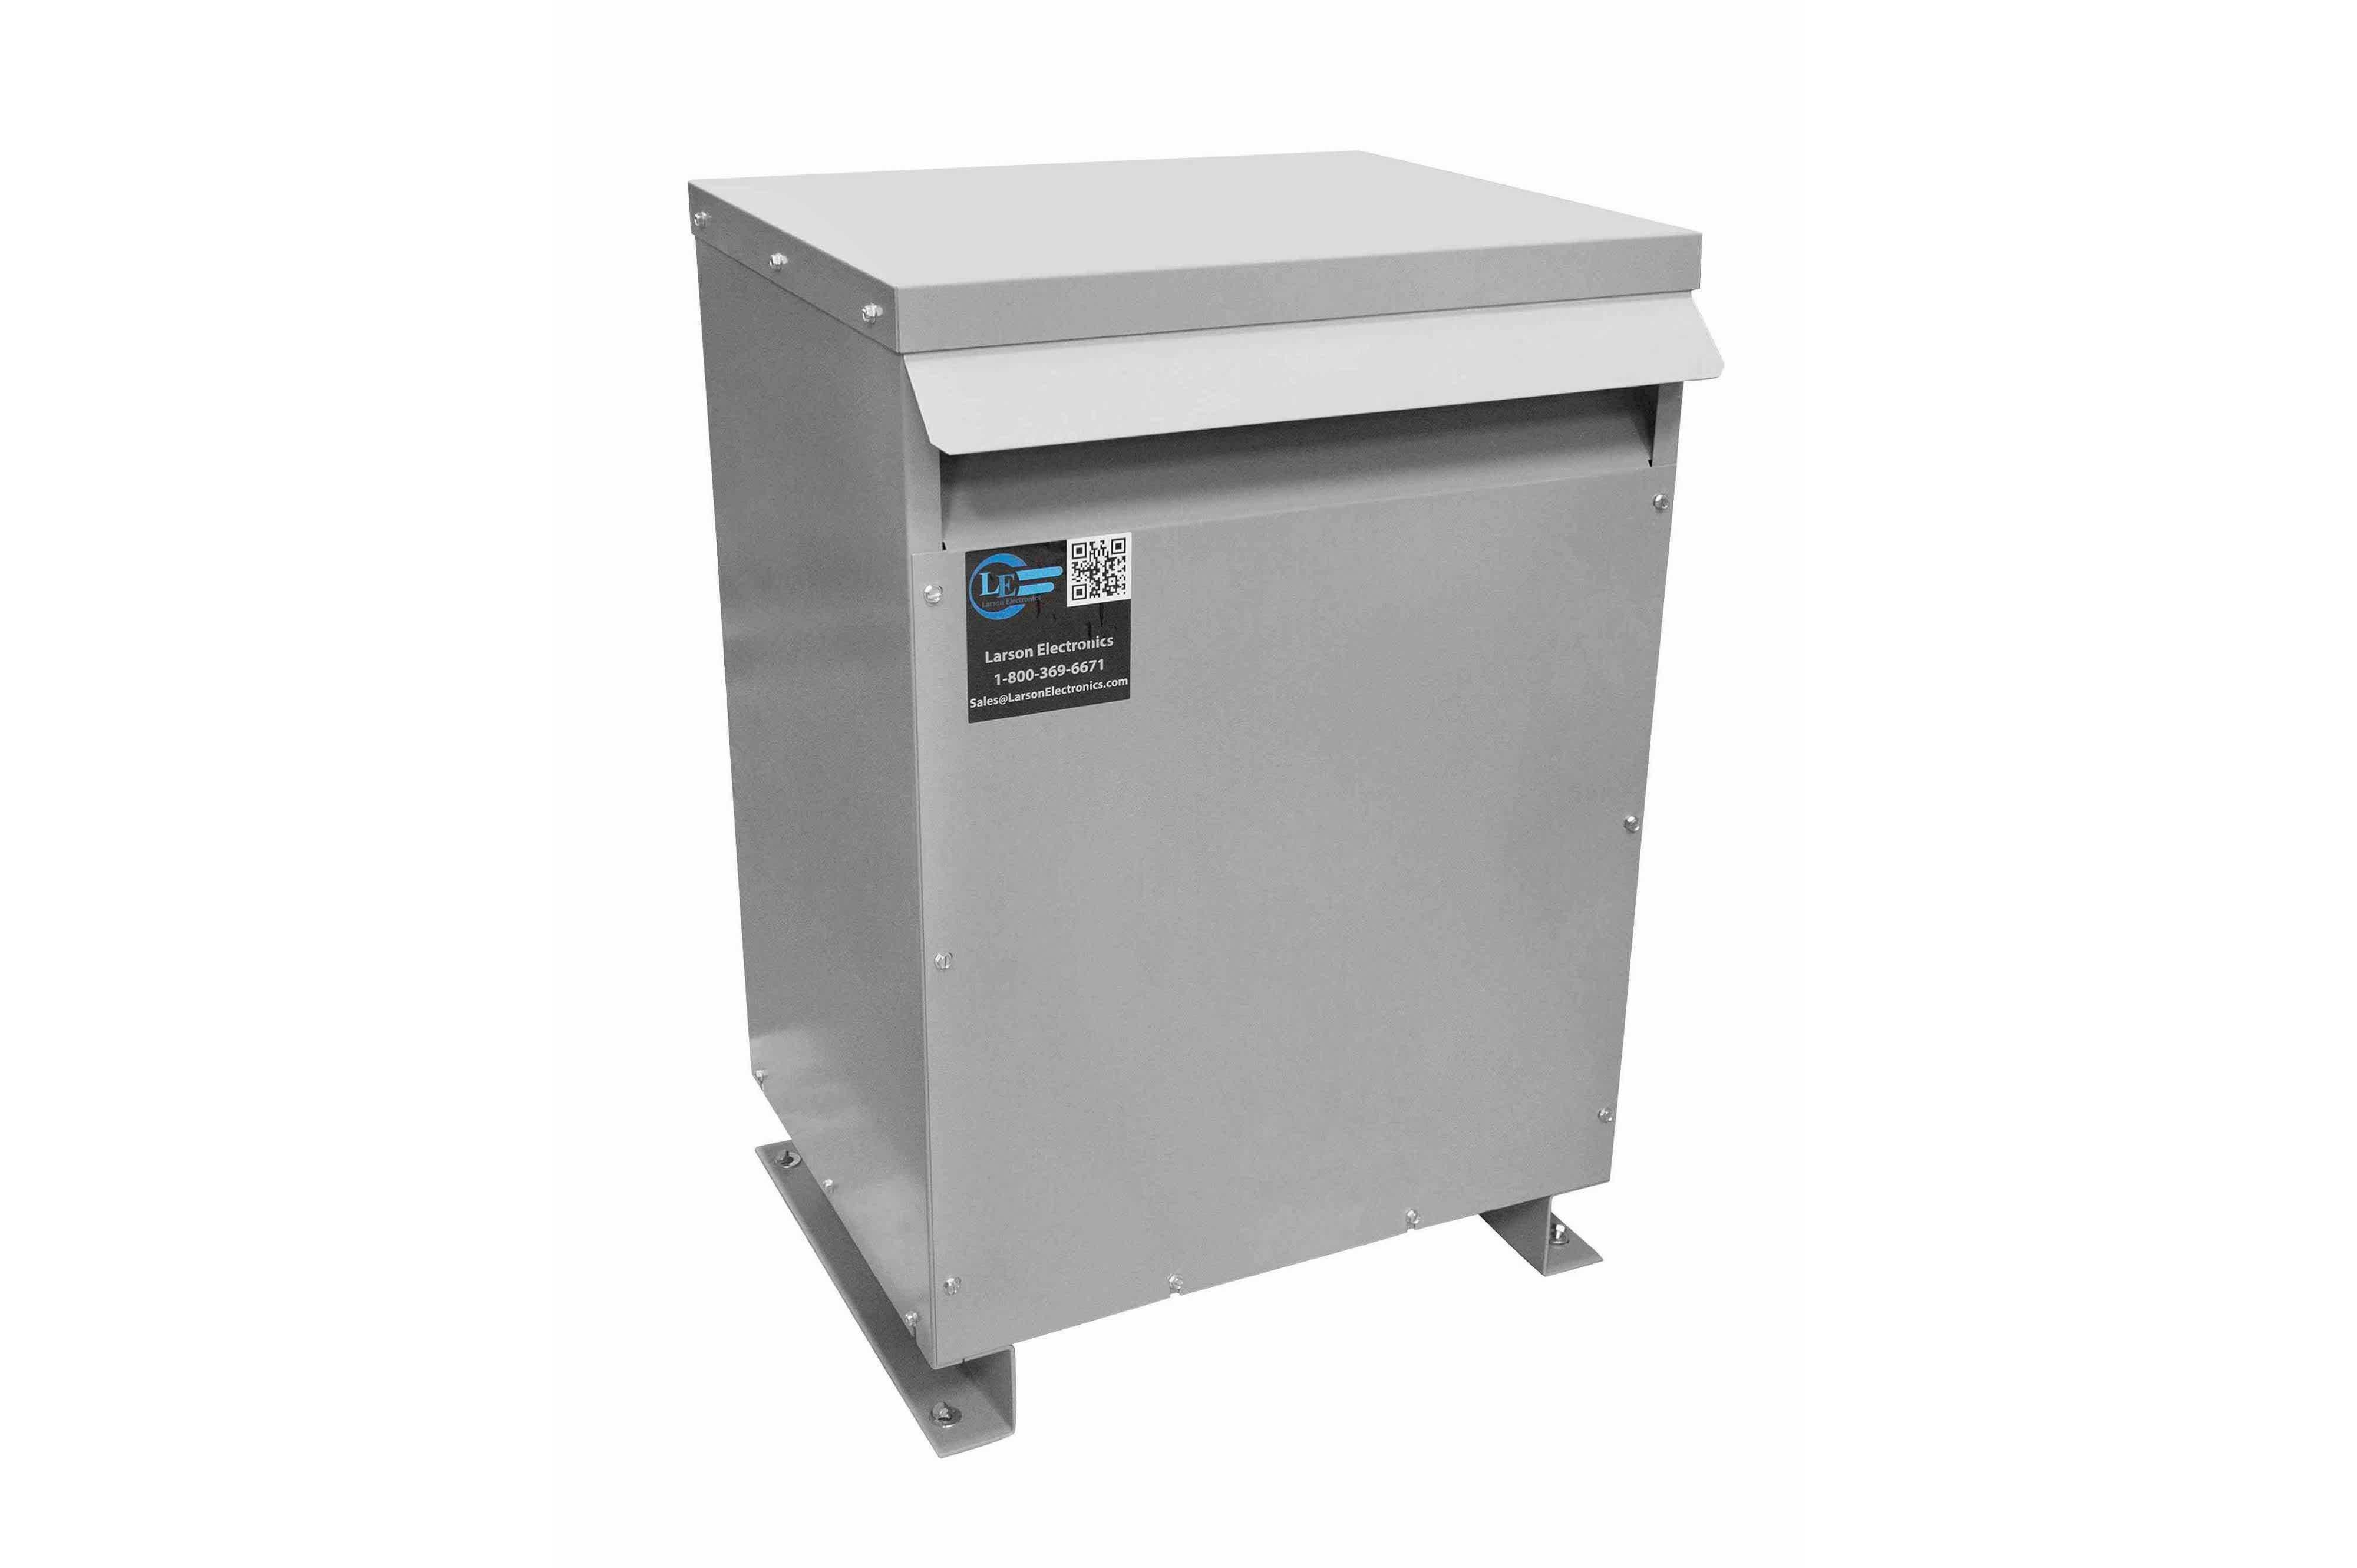 40 kVA 3PH Isolation Transformer, 208V Delta Primary, 380V Delta Secondary, N3R, Ventilated, 60 Hz